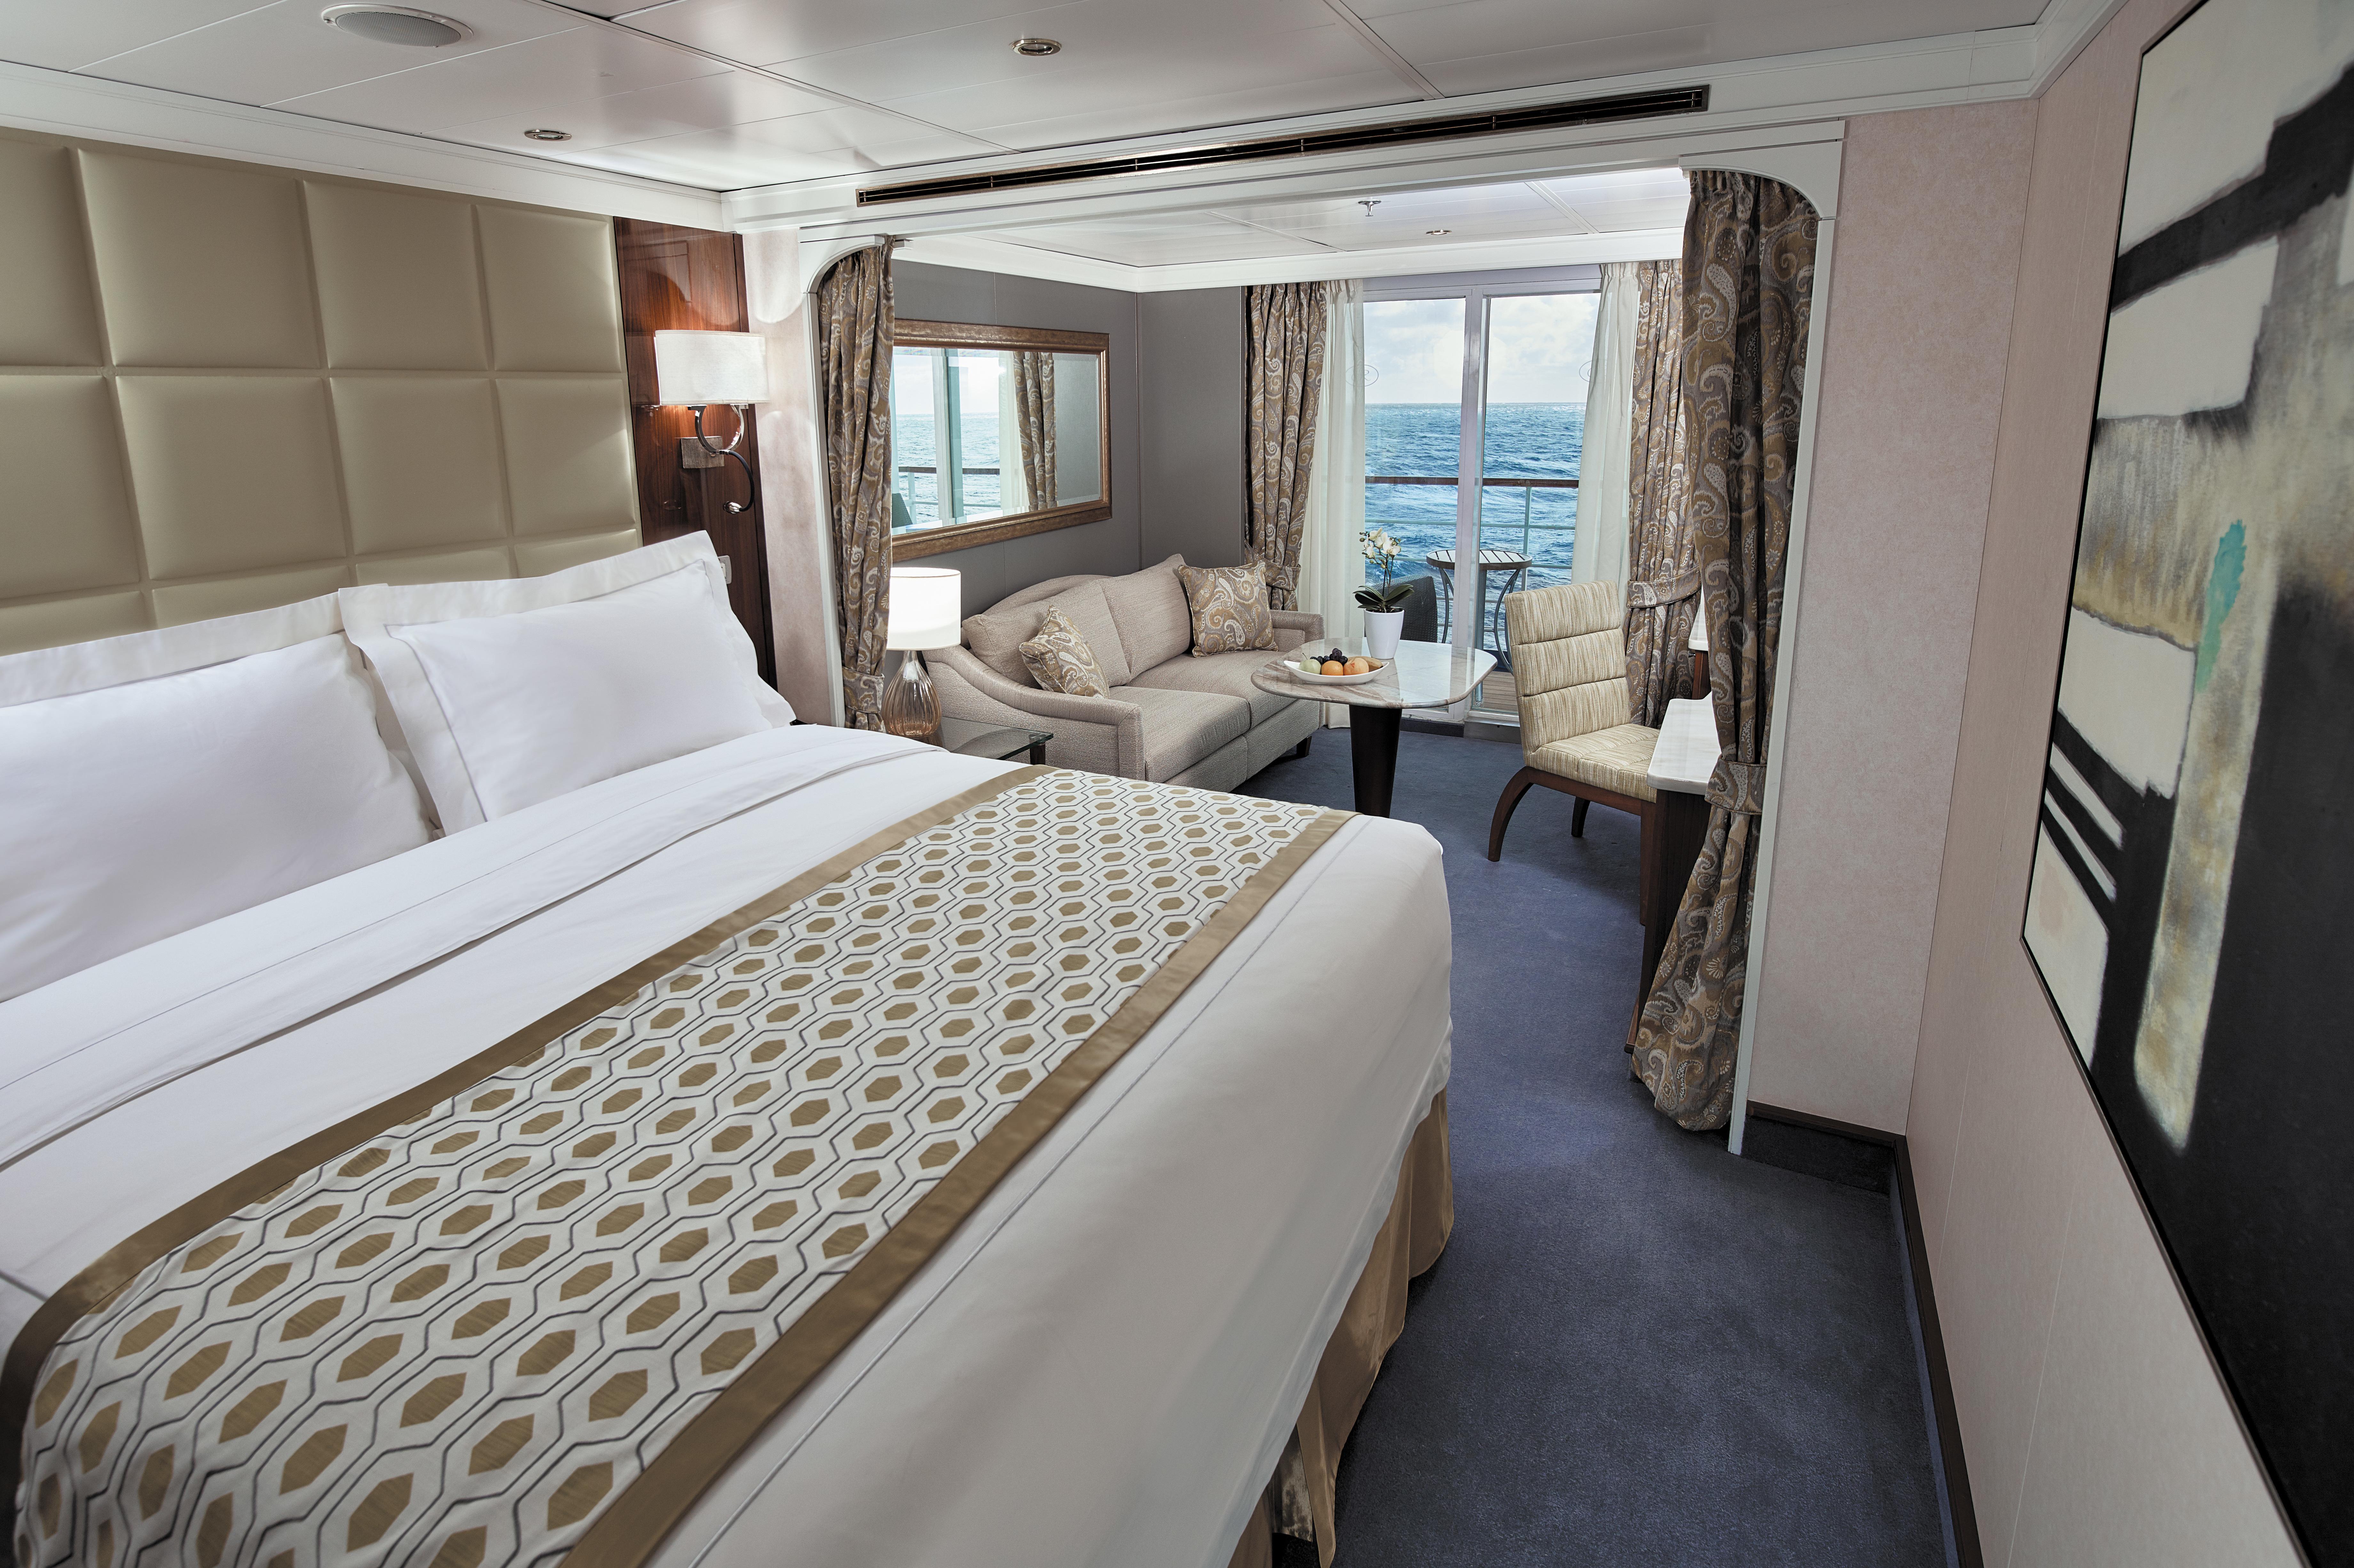 Regent Seven Seas Voyager - Deluxe Veranda Suite